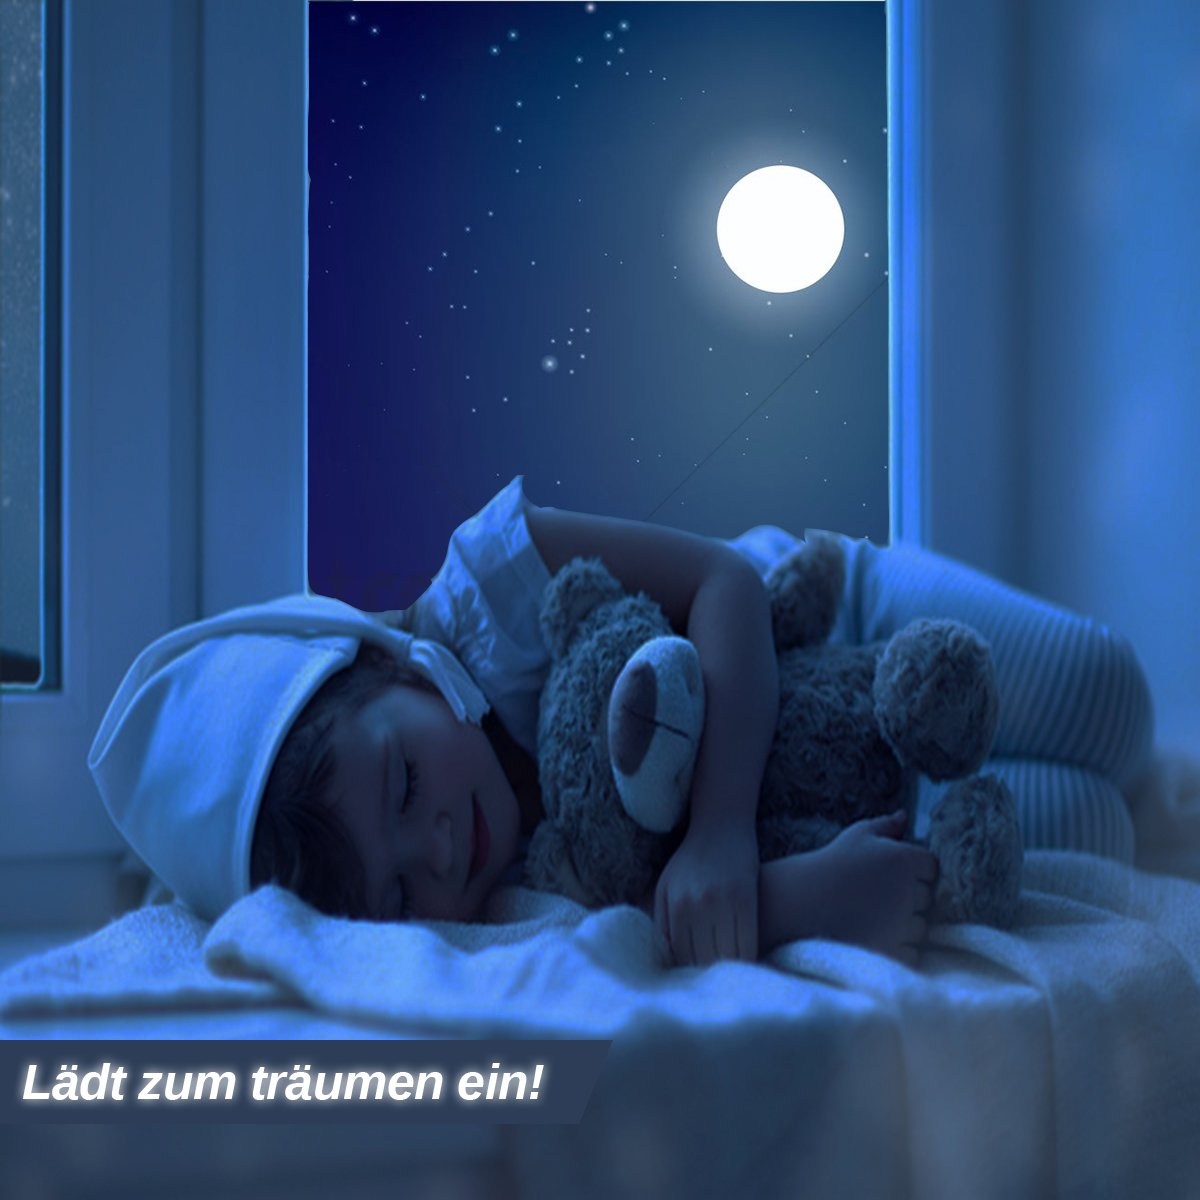 Kinder oder Schlafzimmer Leuchtpunkte Homery Sternenhimmel 300 Leuchtsterne selbstklebend mit starker Leuchtkraft fluoreszierende Leuchtsterne Wandtattoo /& Wanddeko Aufkleber f/ür Baby